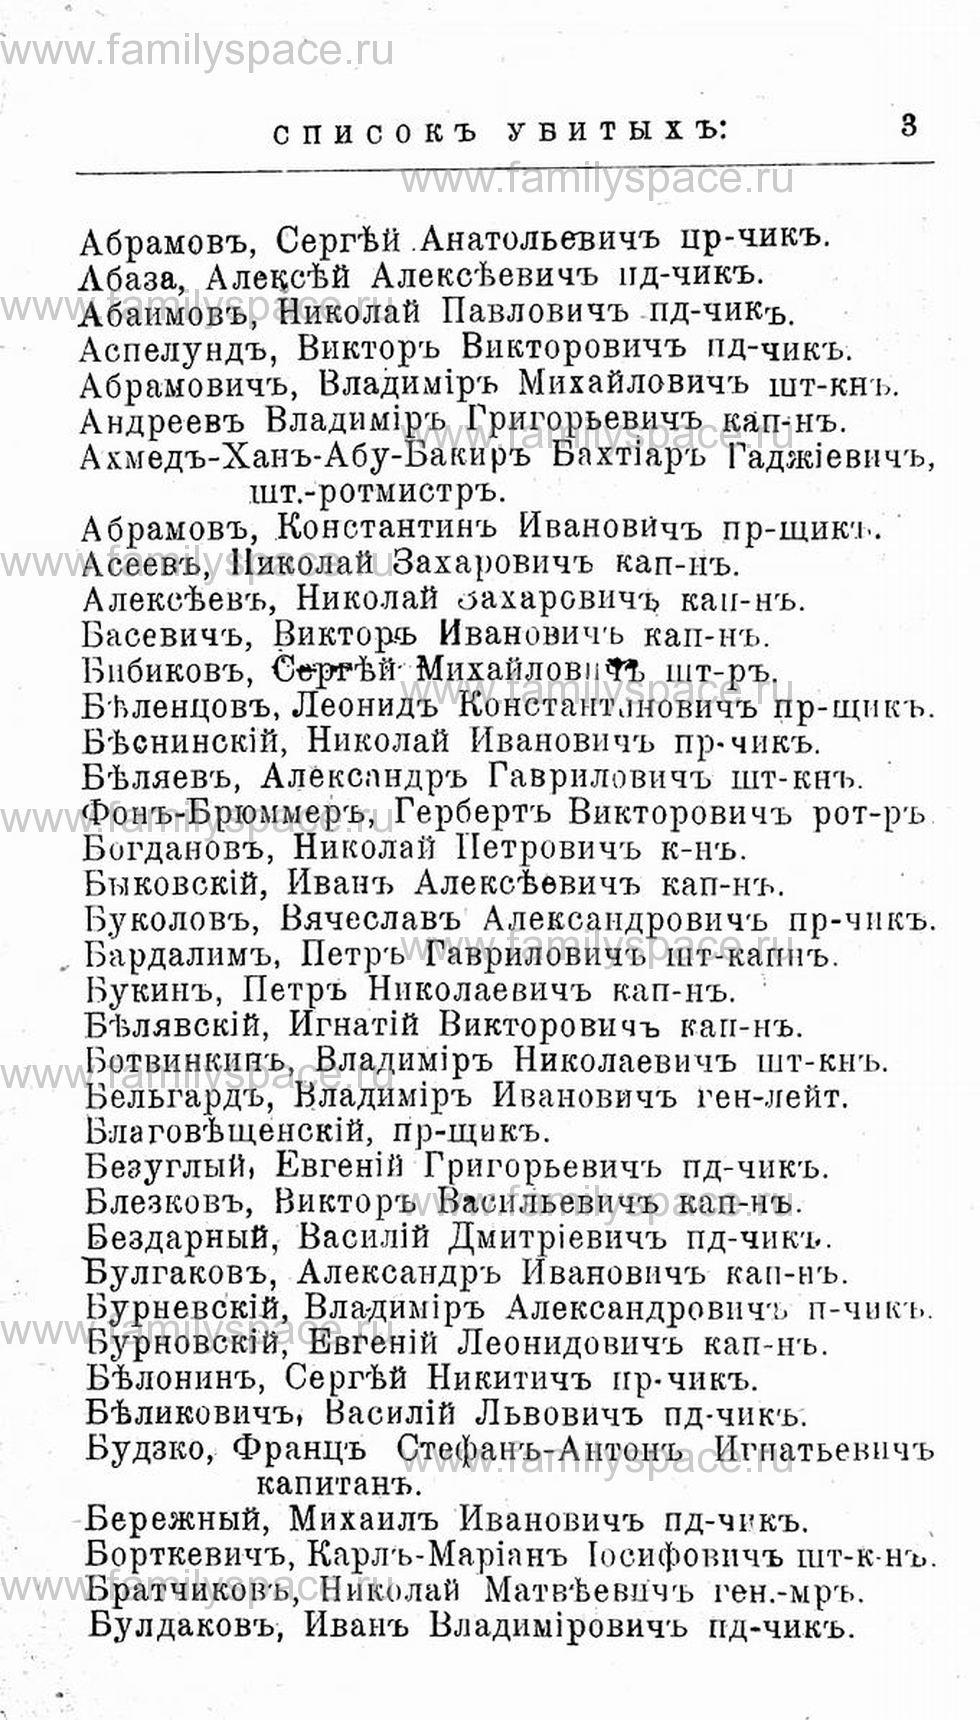 Поиск по фамилии - Первая мировая война - 1914 (списки убитых и раненых), страница 3